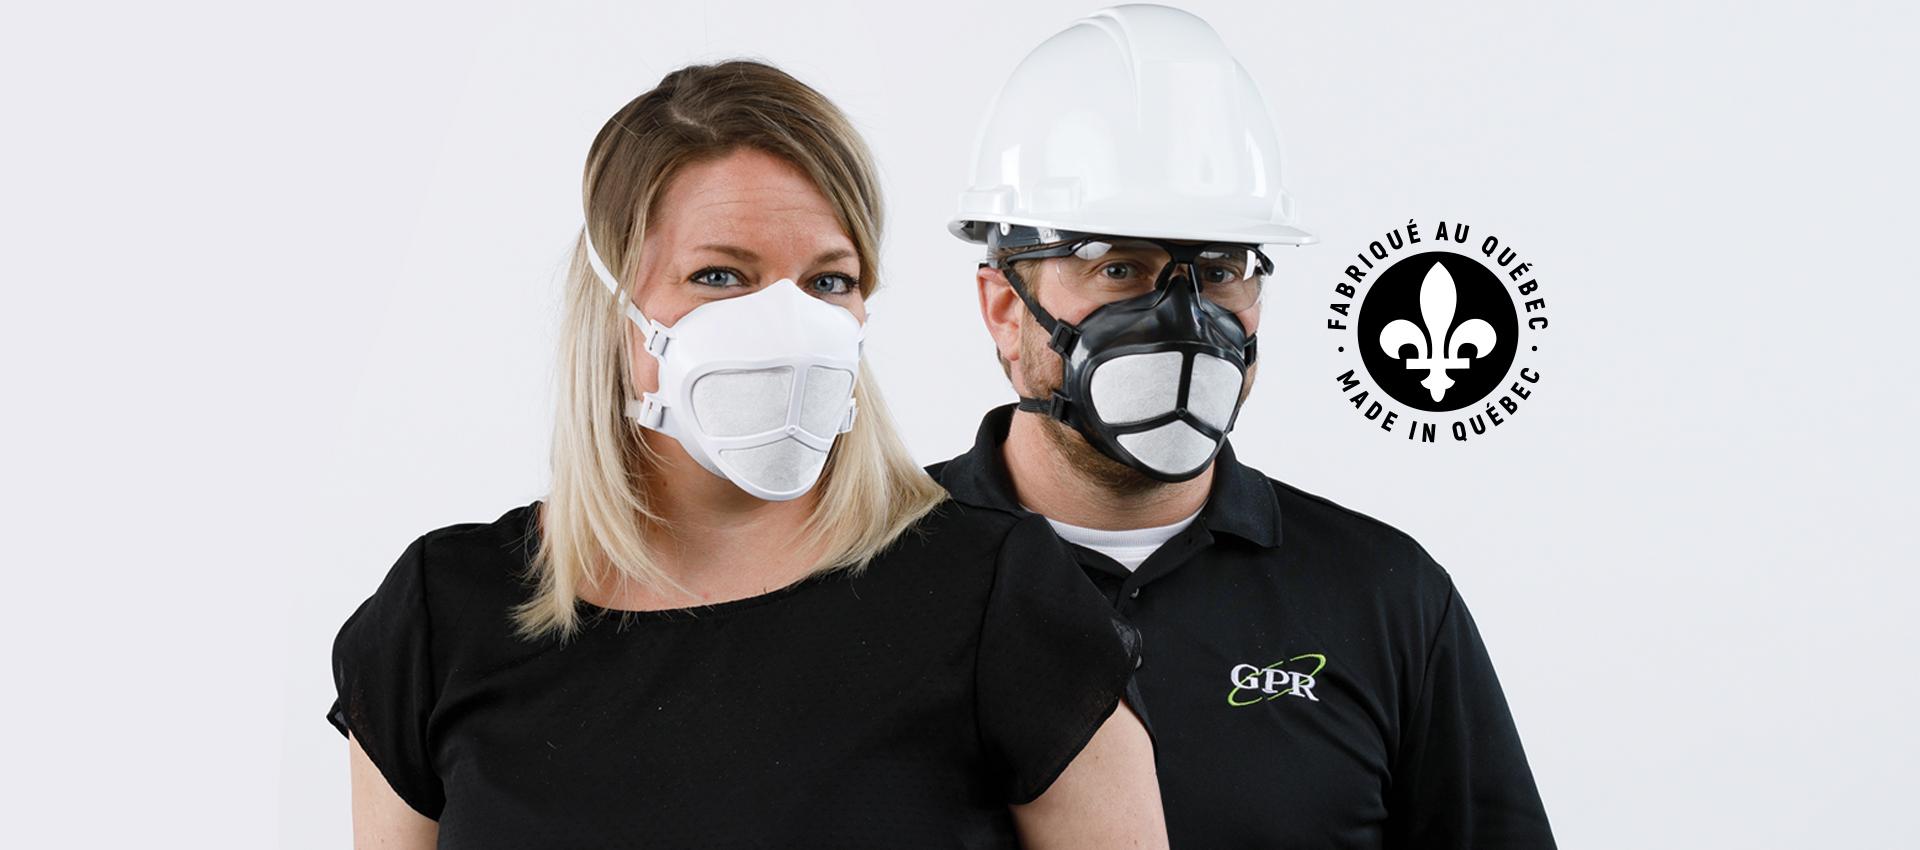 Plastiques-GPR-divoc-masque-logo-photom